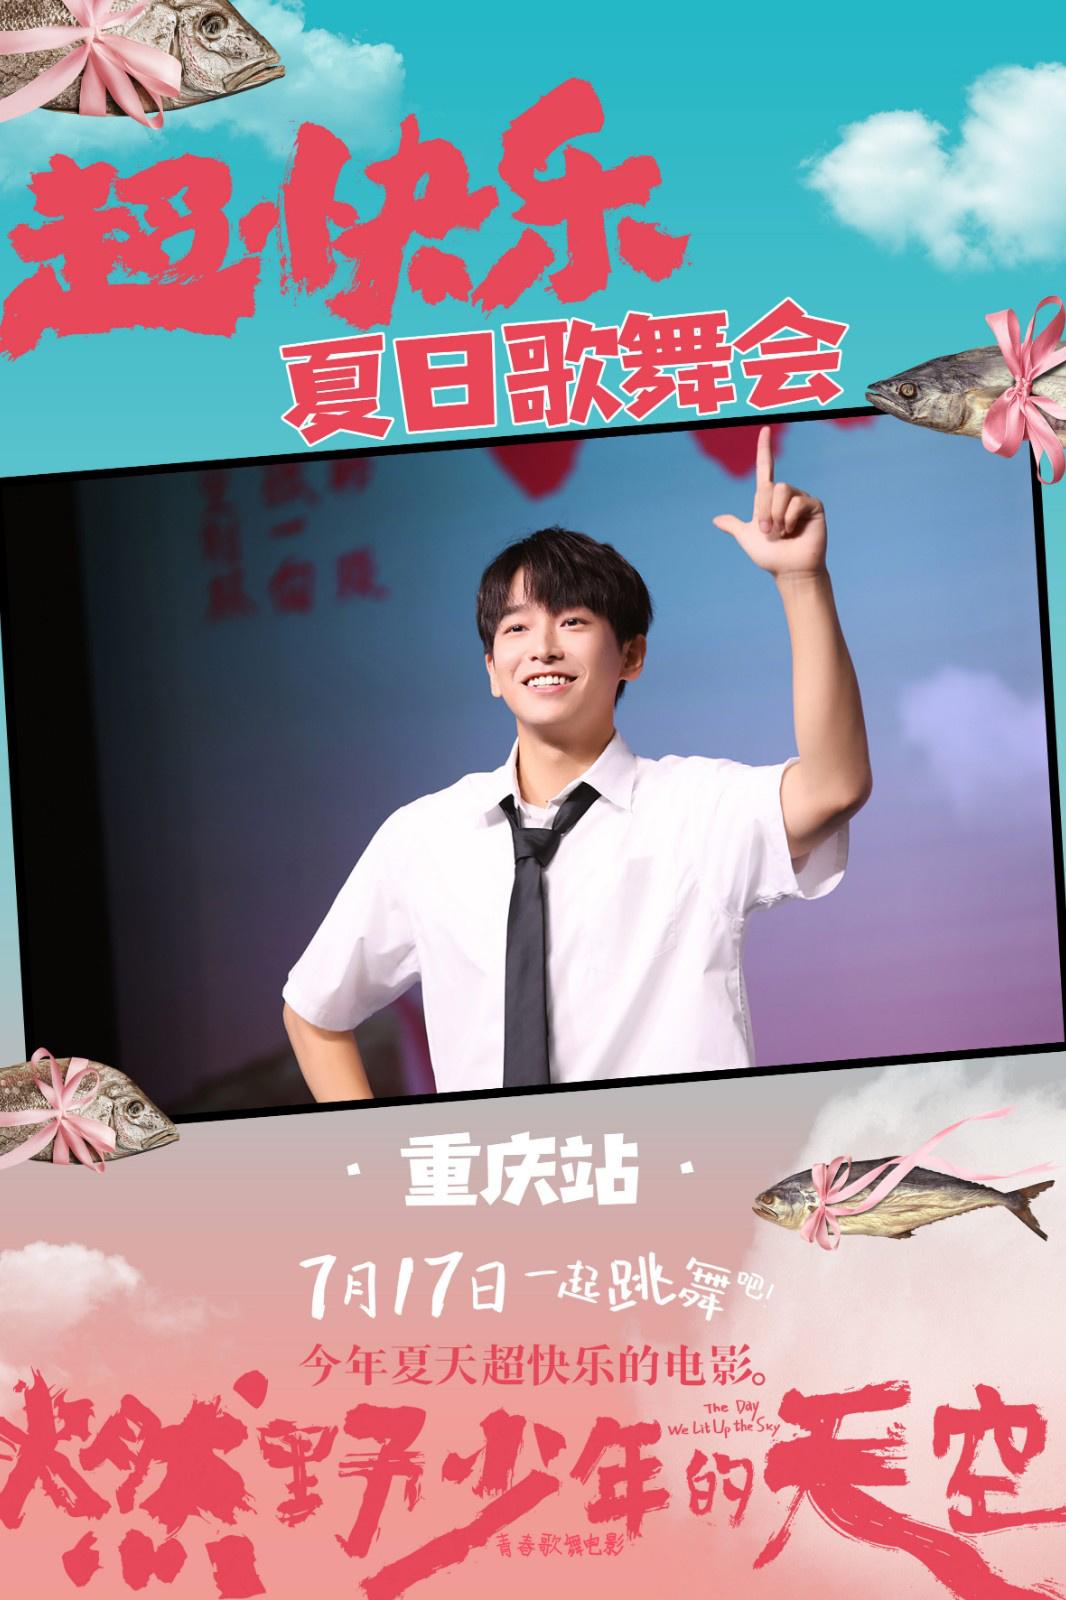 《燃野少年的天空》重庆路演 彭昱畅现场魔性领舞